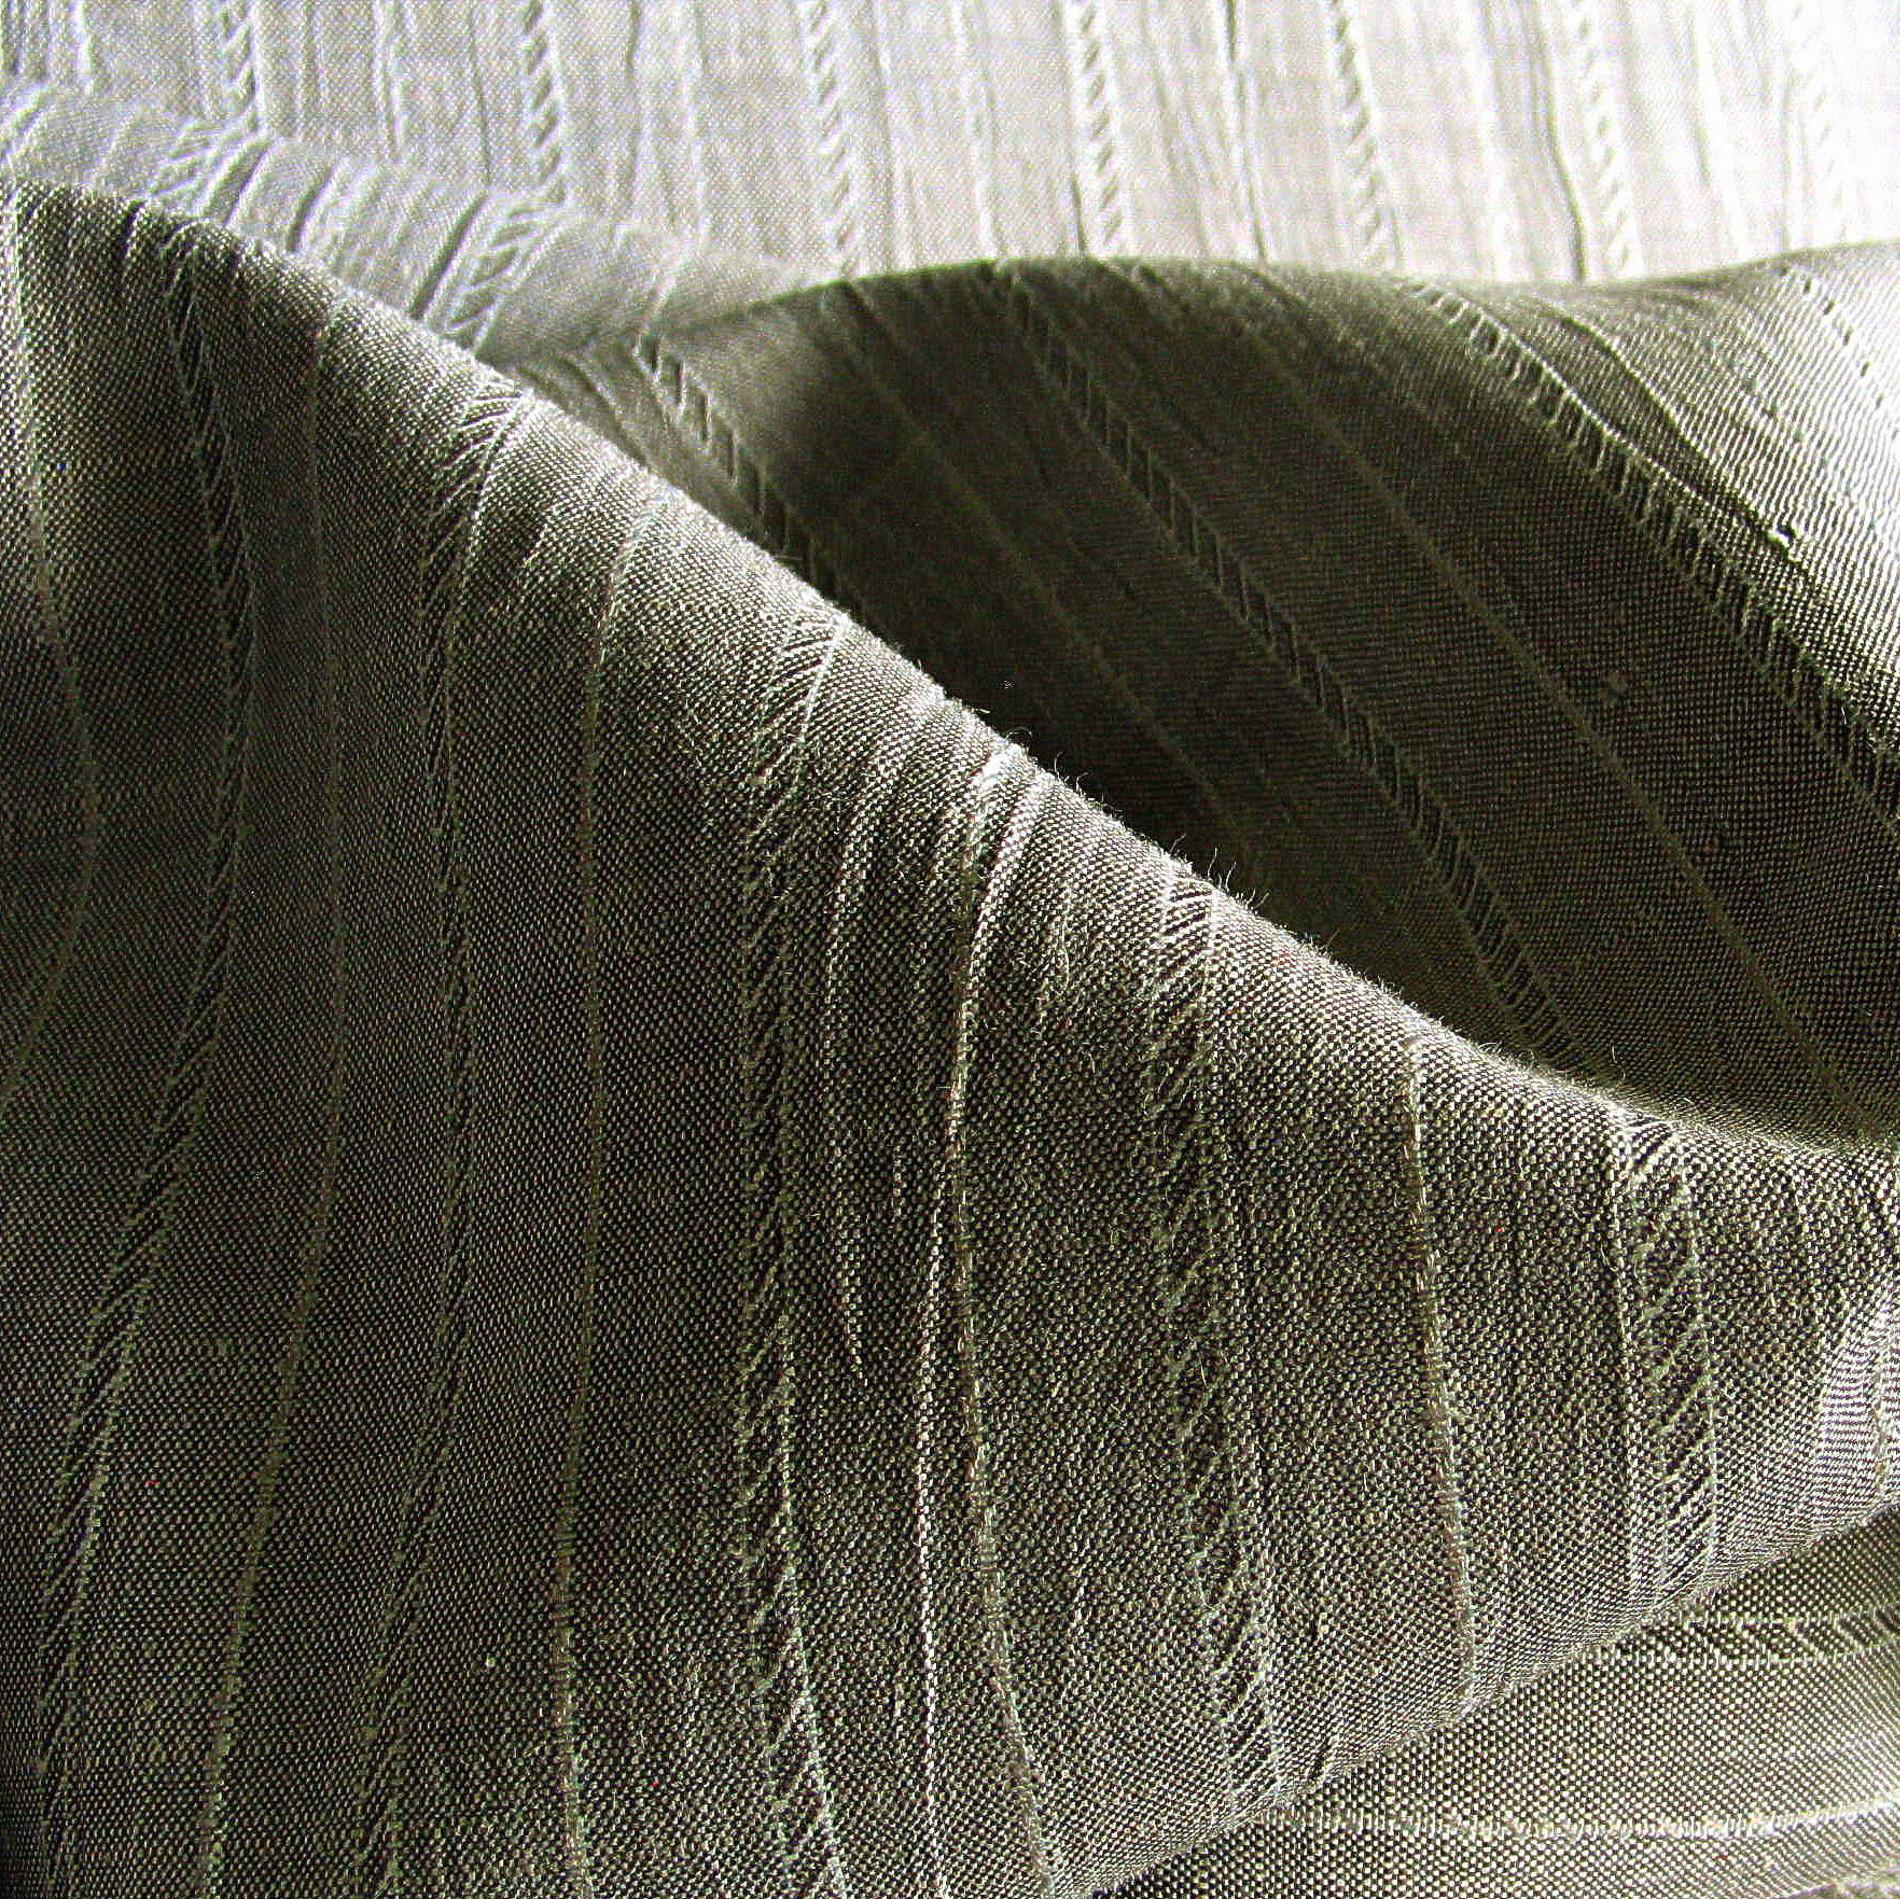 crash leinen streifen gemusterte stoffe stoffe mit streifenmuster. Black Bedroom Furniture Sets. Home Design Ideas